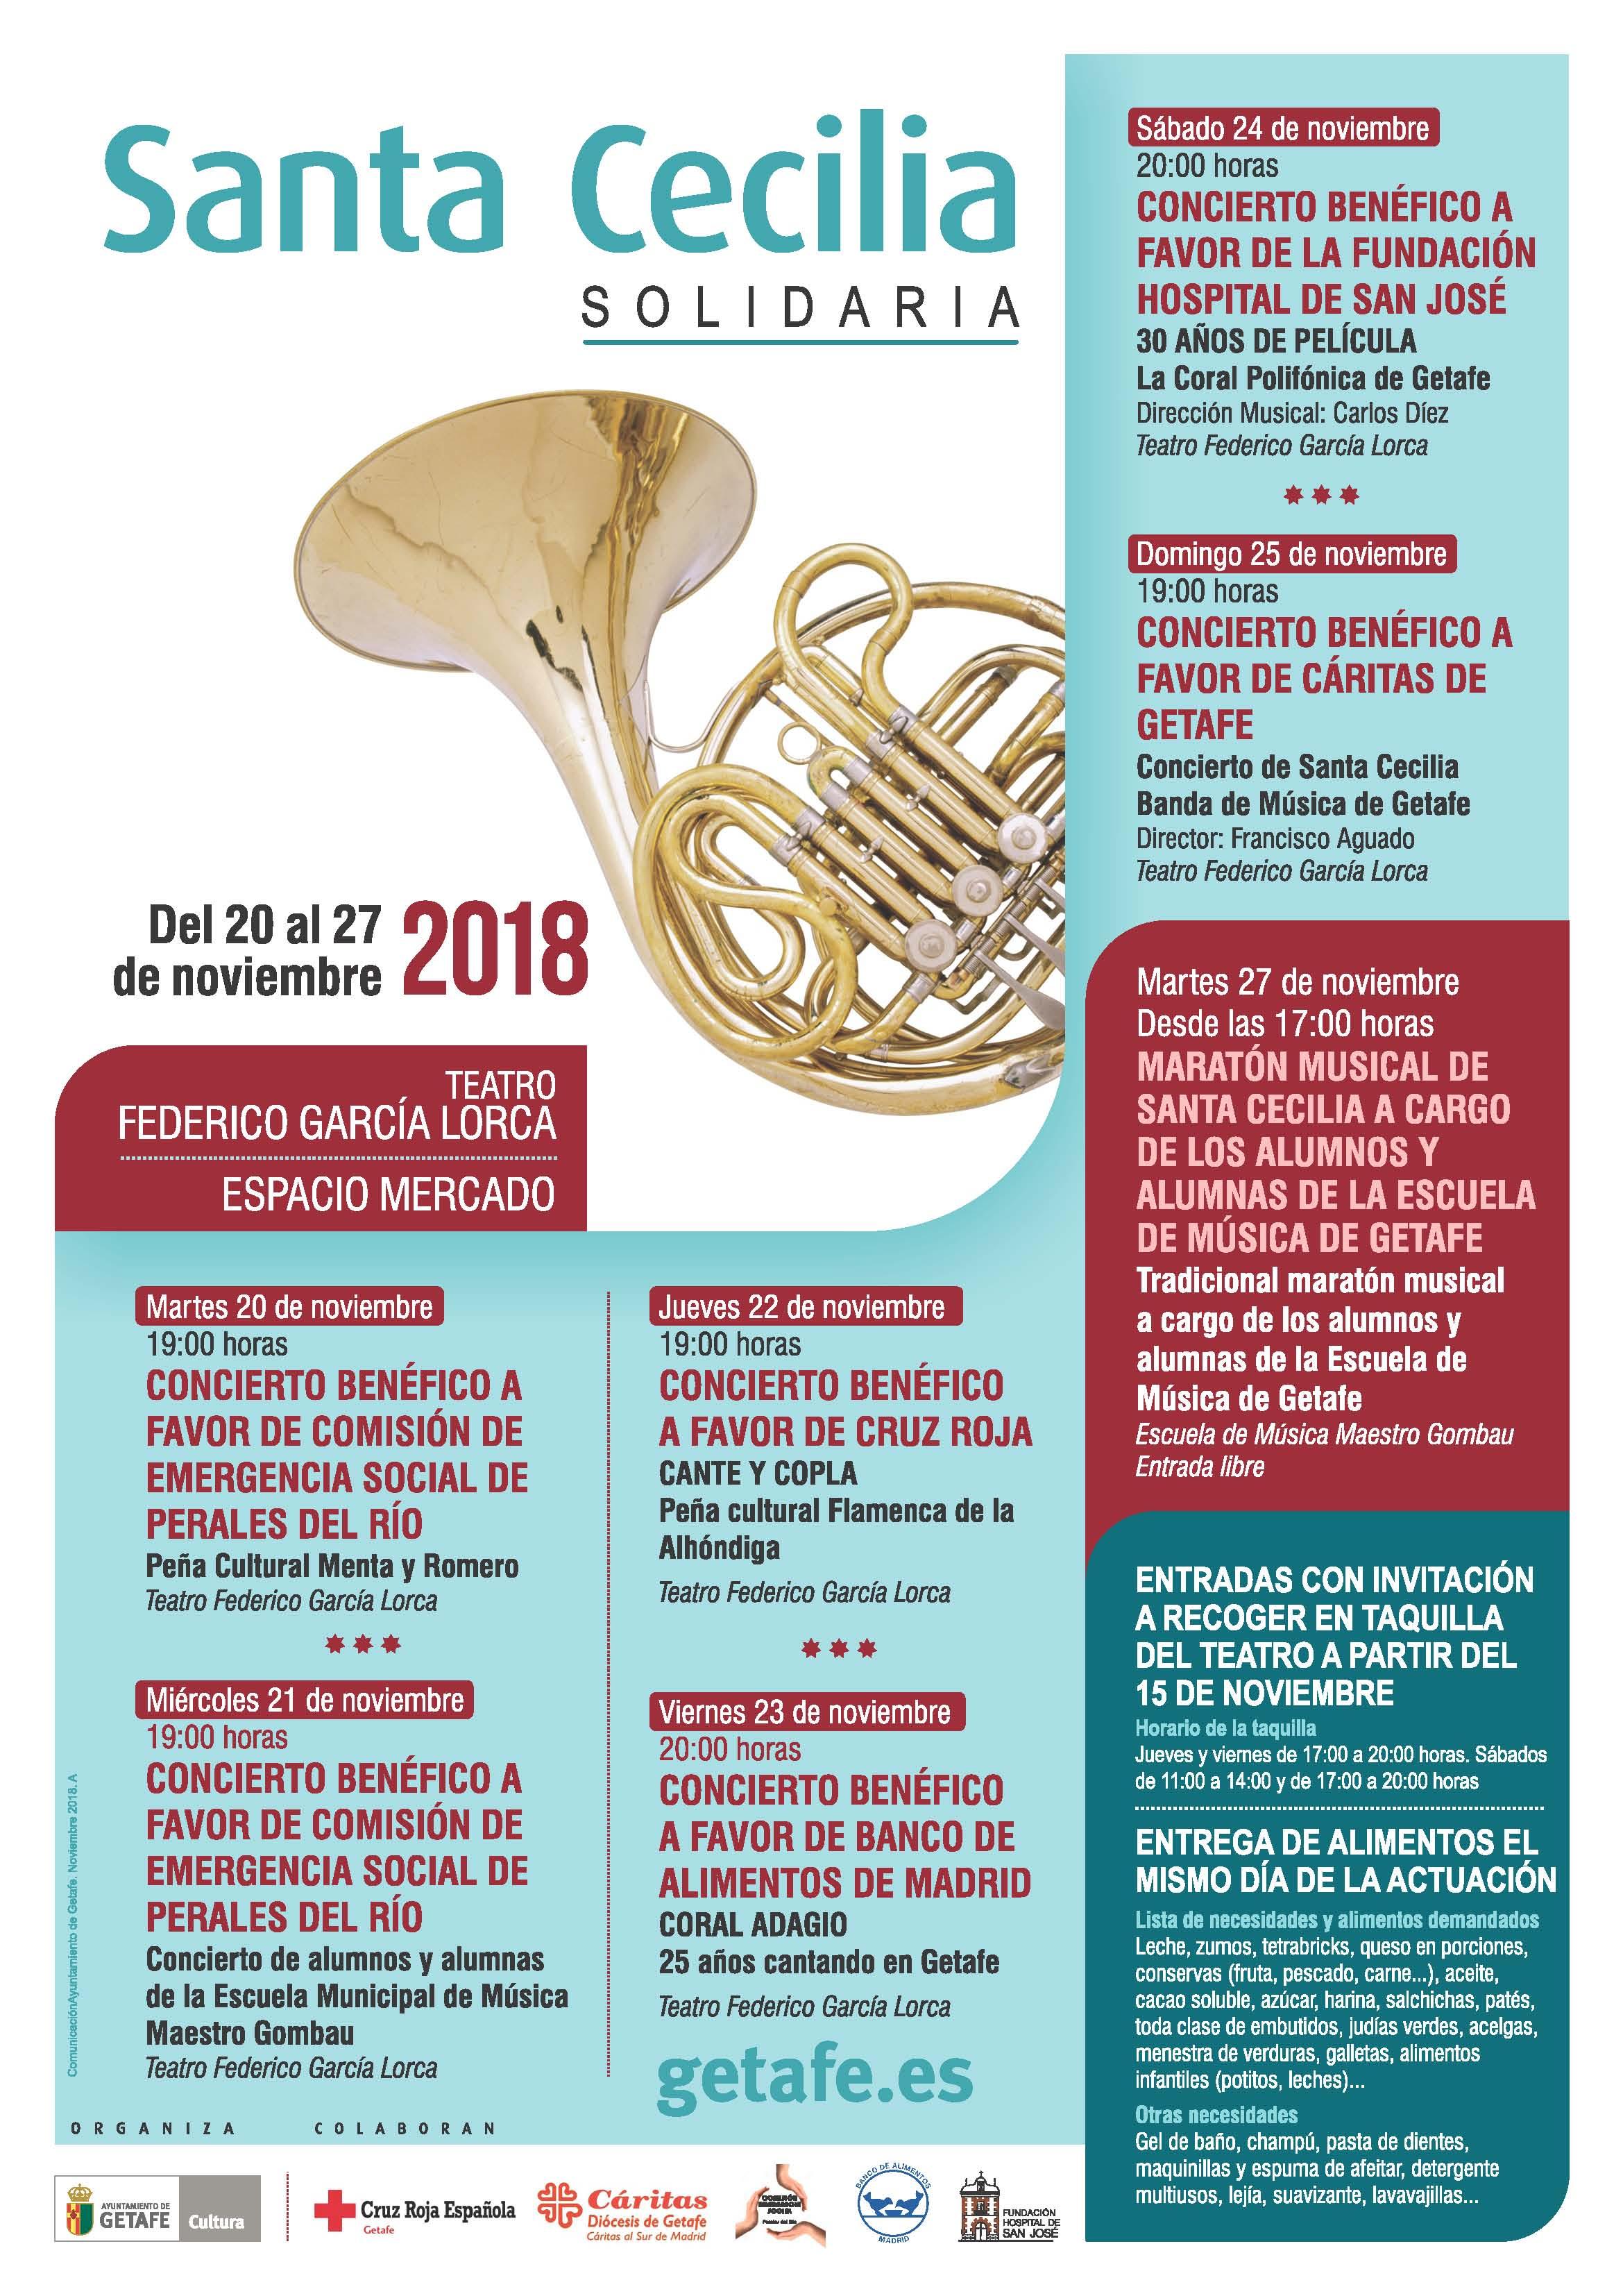 Santa Cecilia 2018